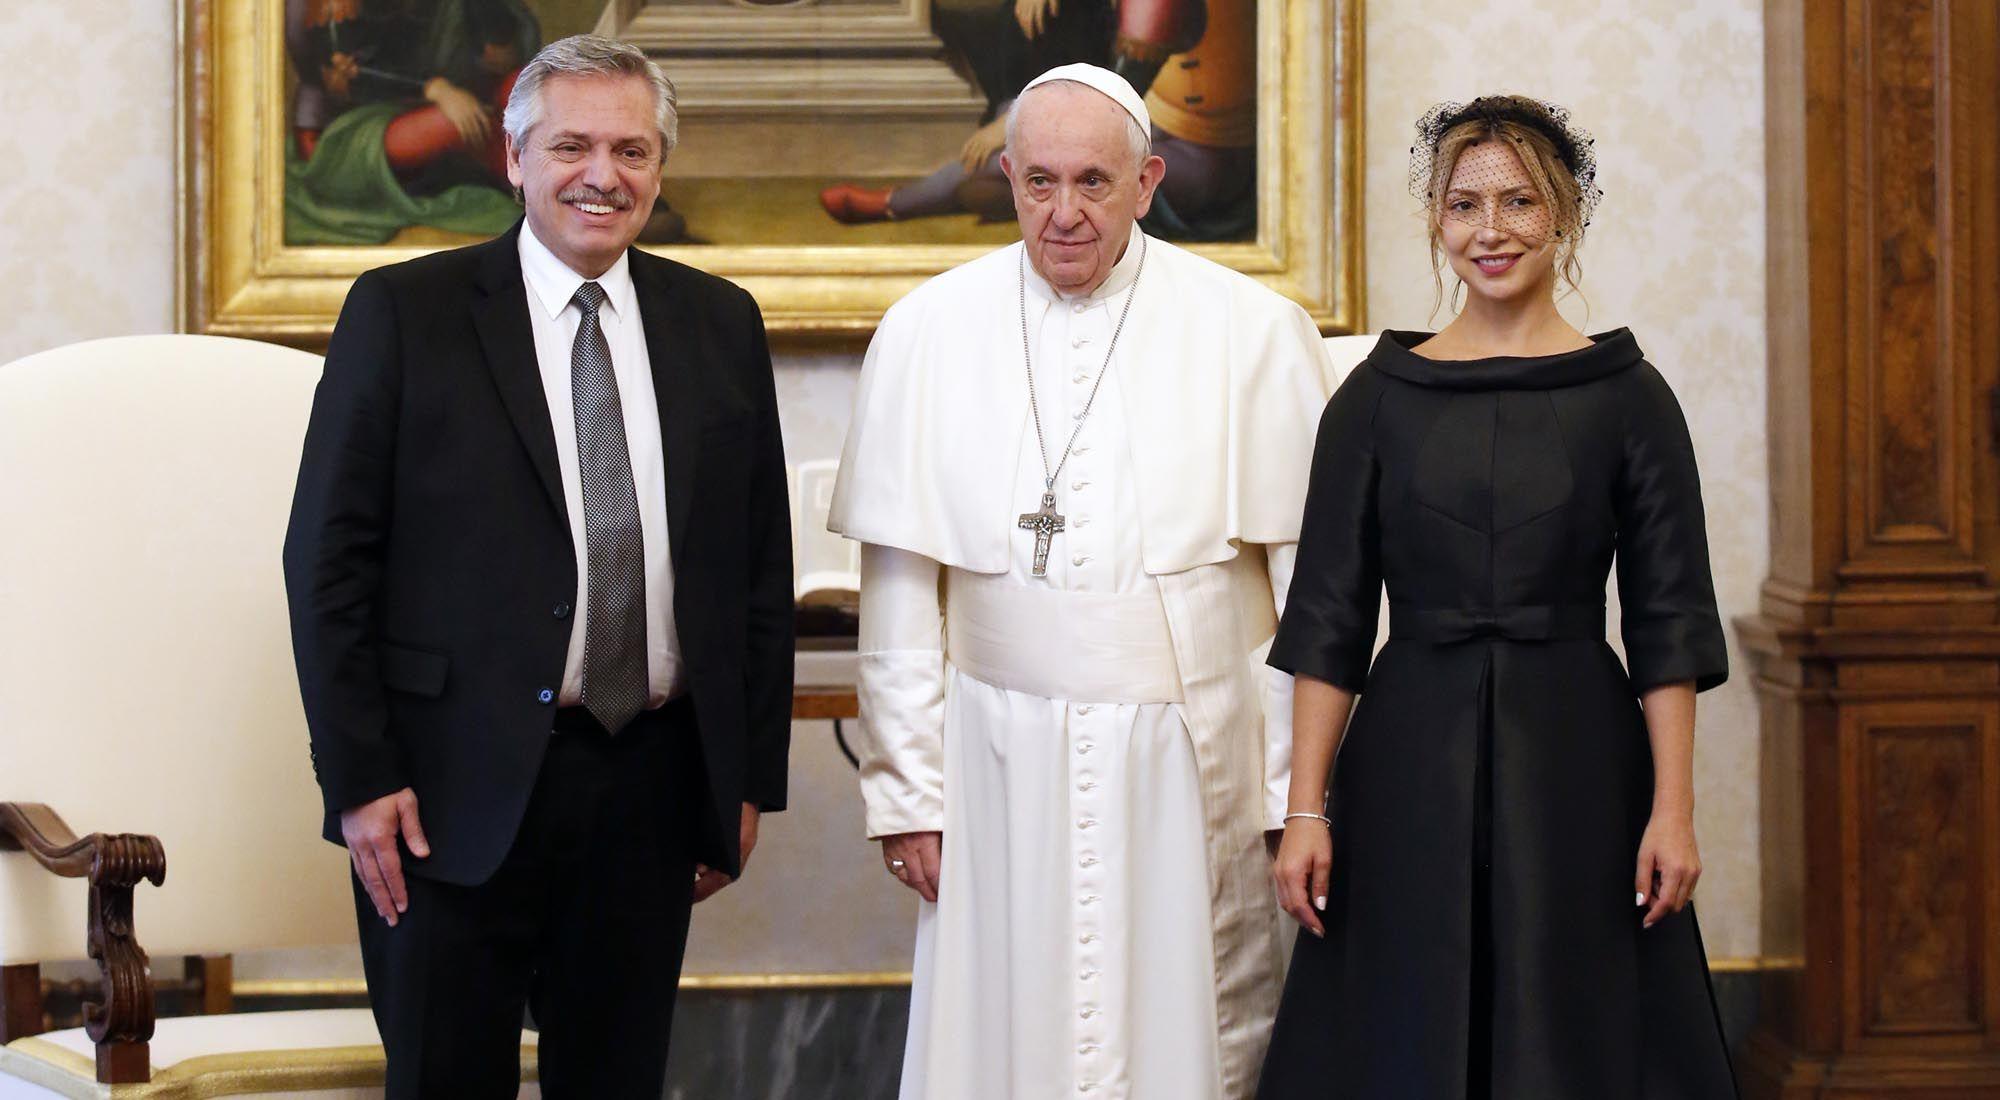 El presidente se reúne hoy viernes 31 de Enero con el Papa Francisco en el Vaticano